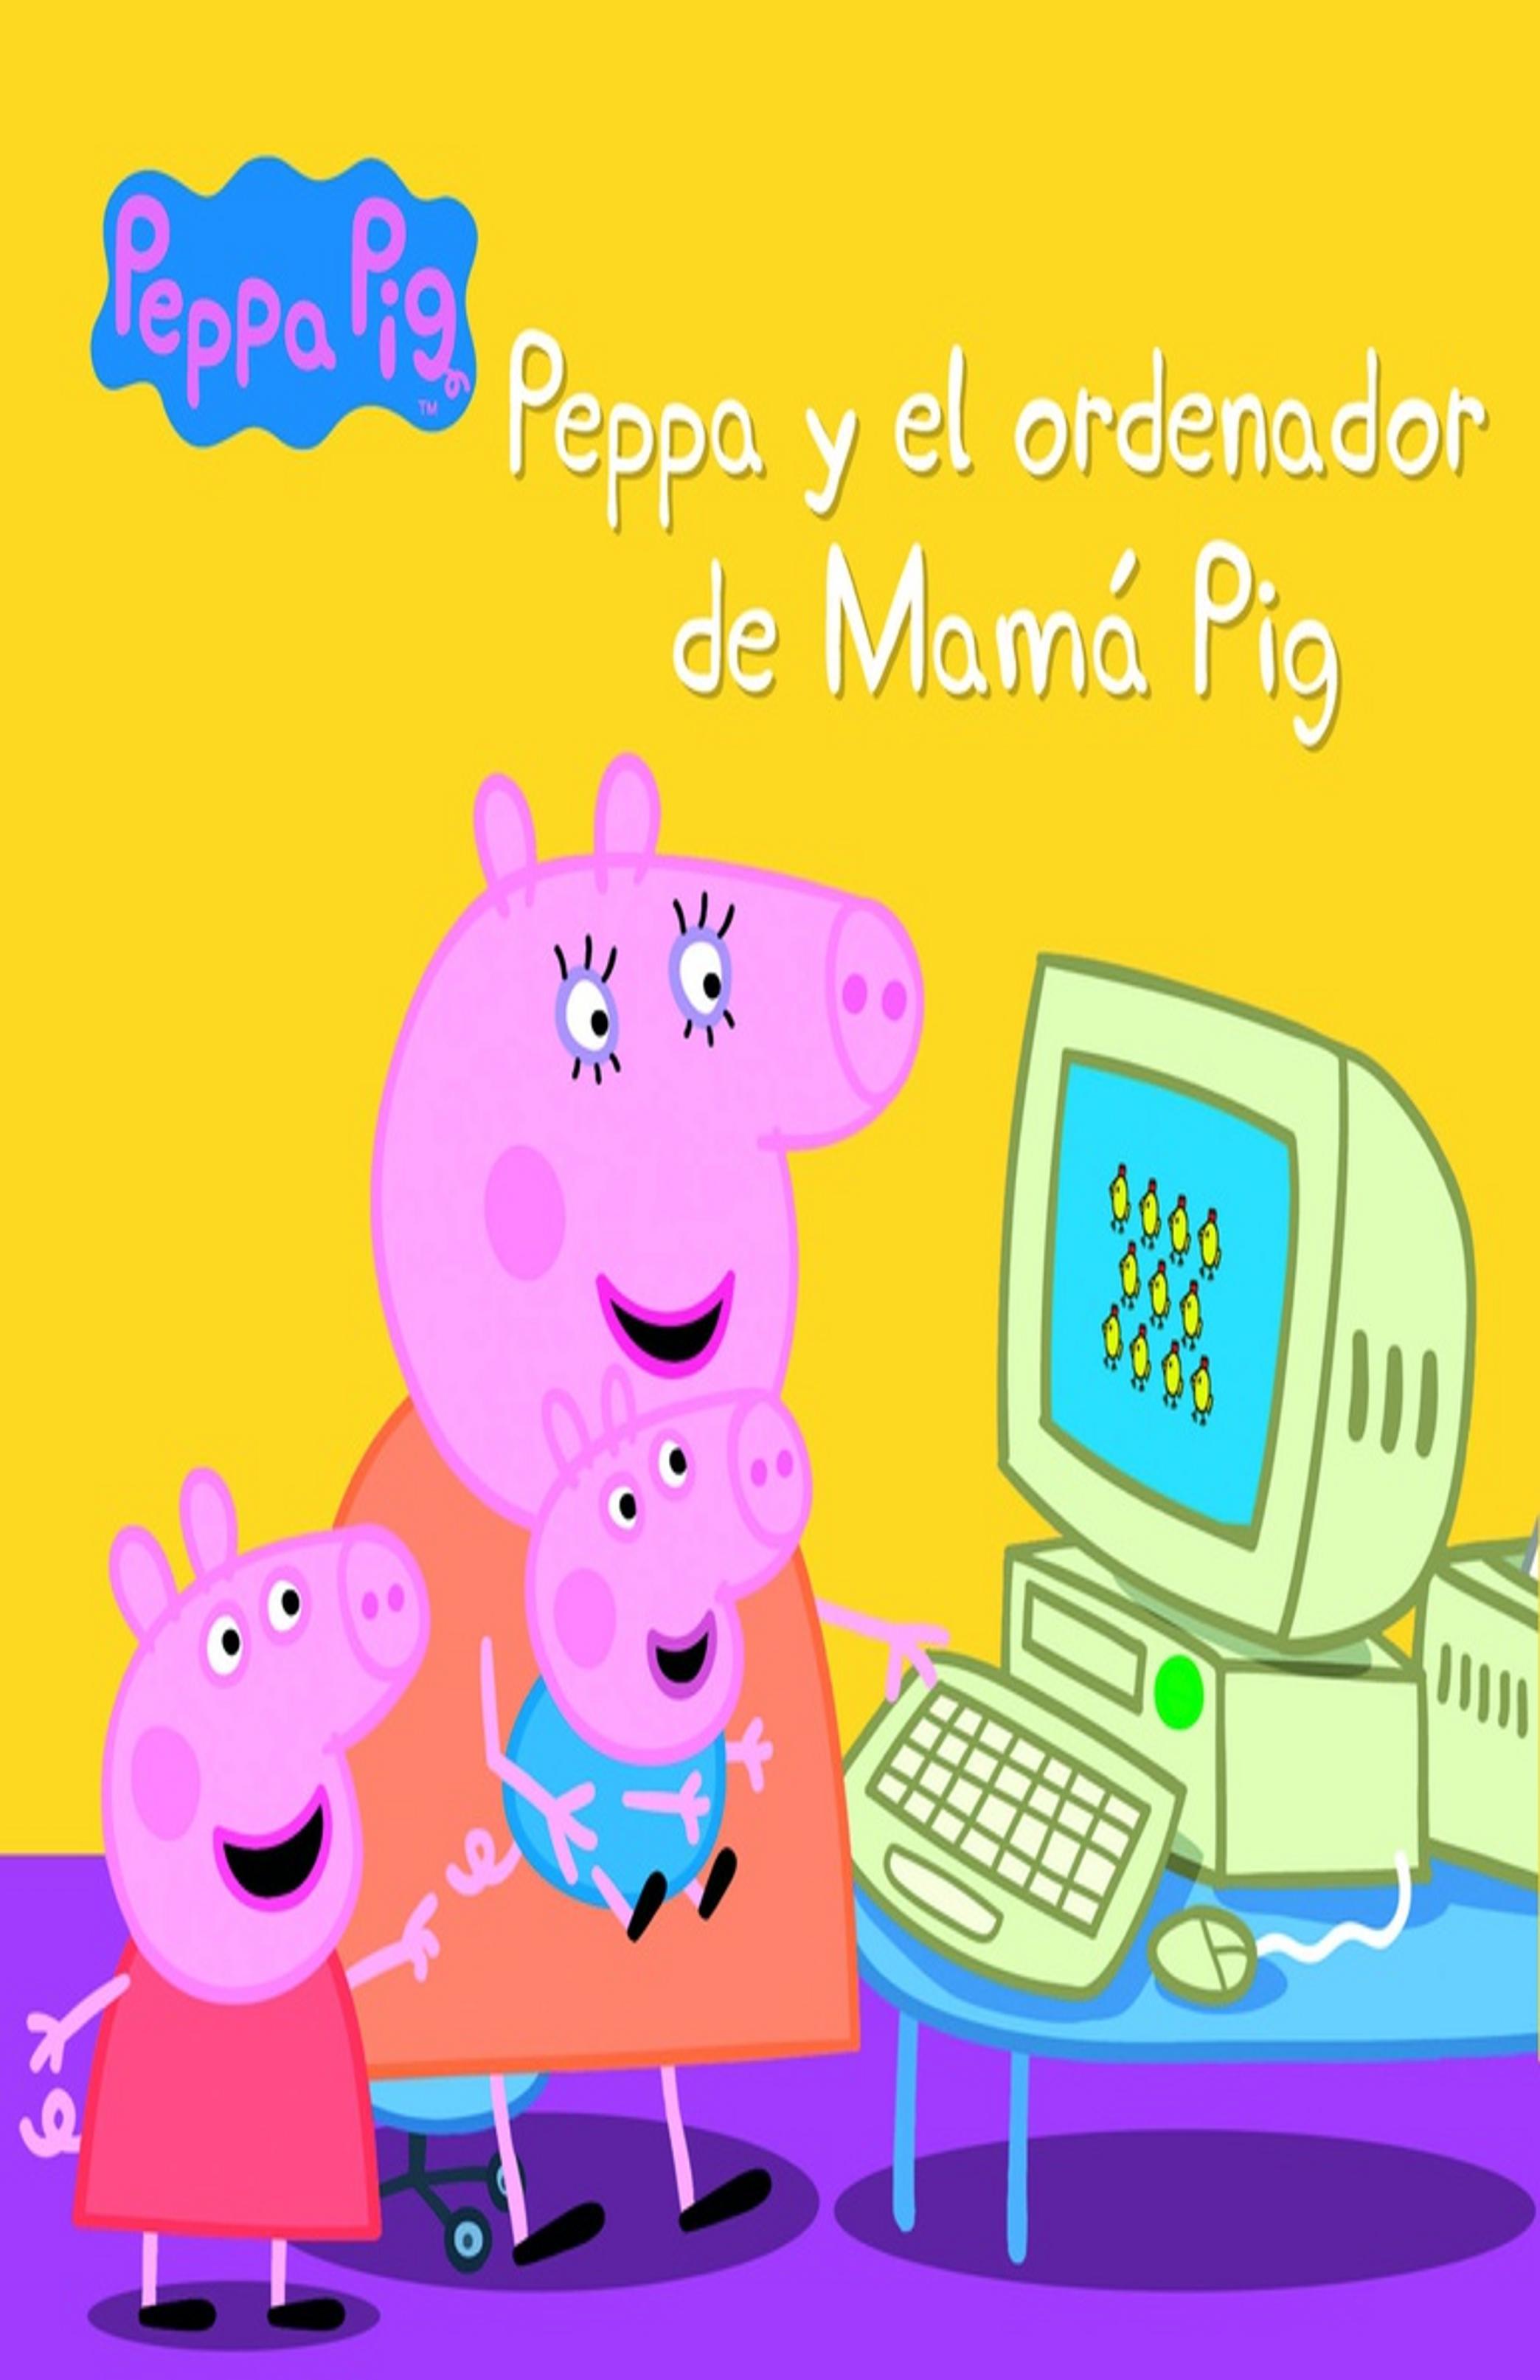 PEPPA Y EL ORDENADOR DE PEPPA PIG - Peppa Pig